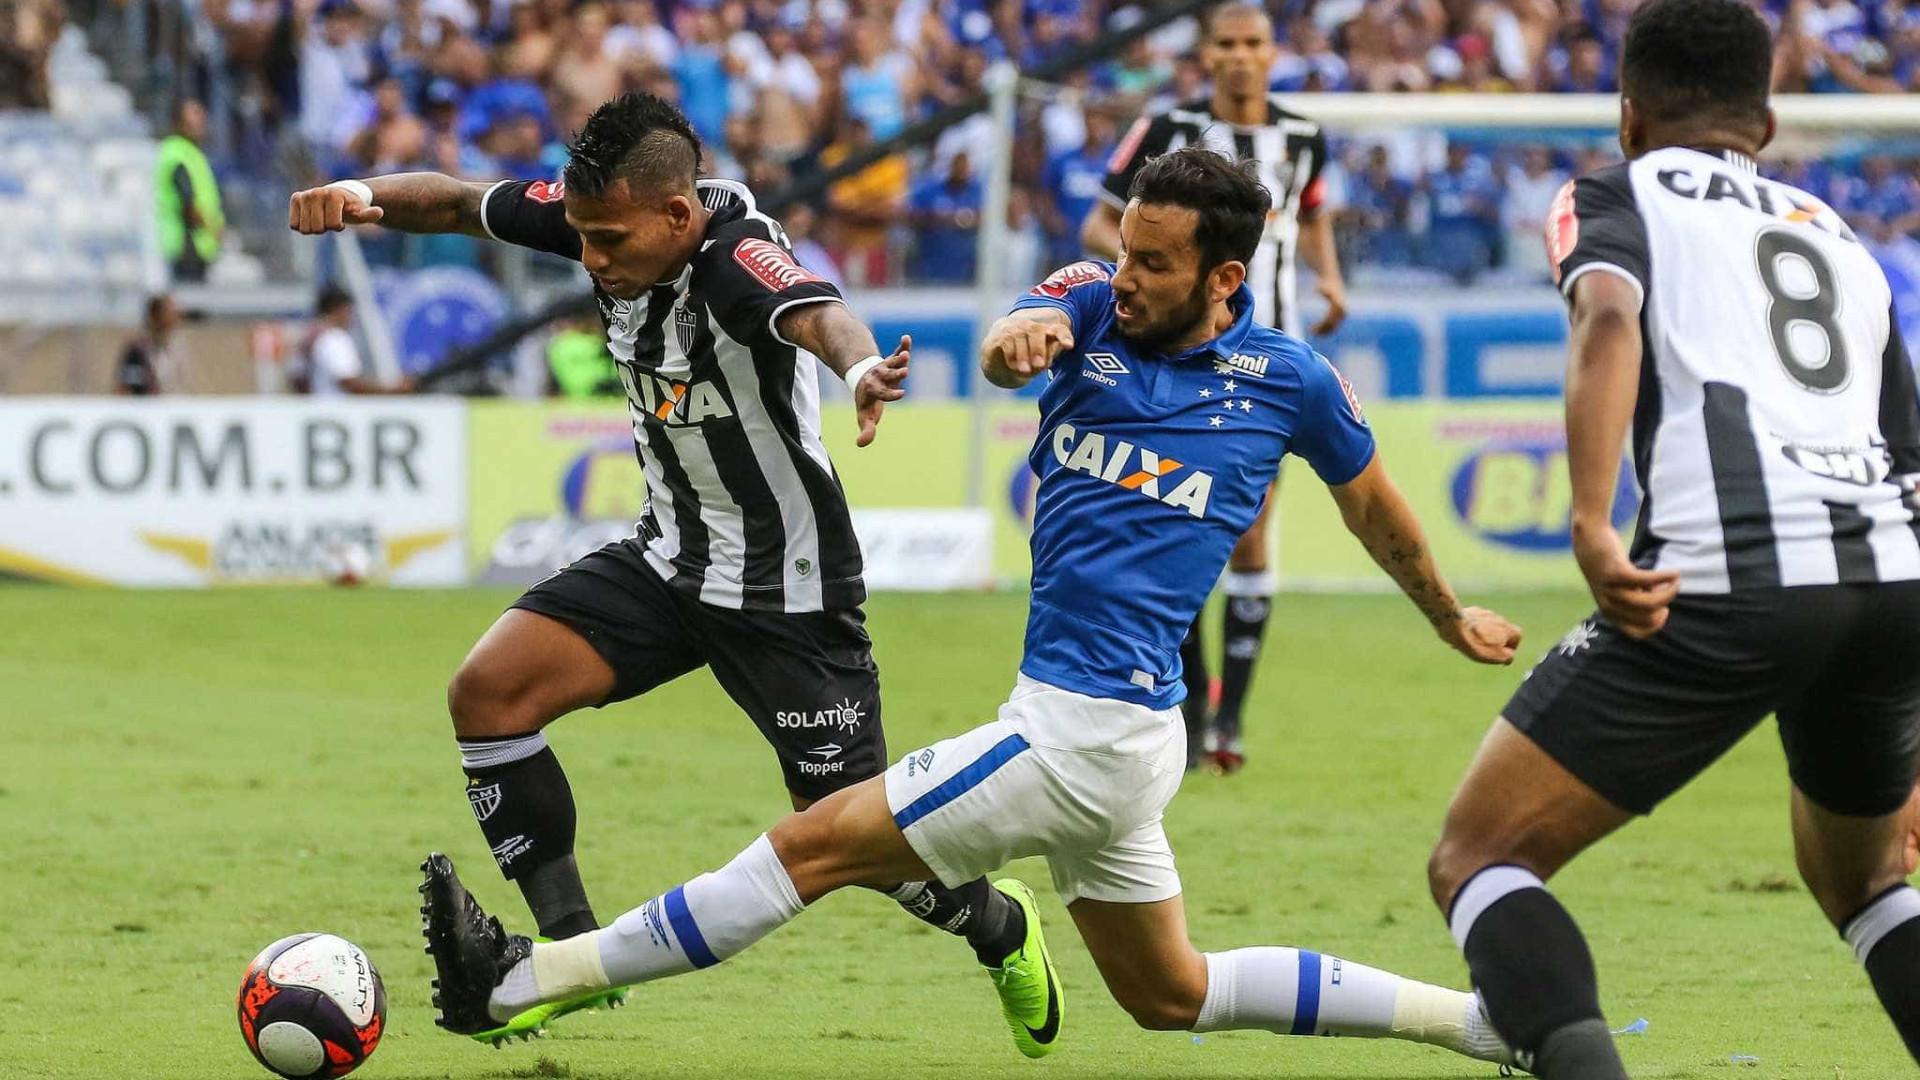 Com Fred expulso, Cruzeiro acaba  com série invicta do Atlético-MG